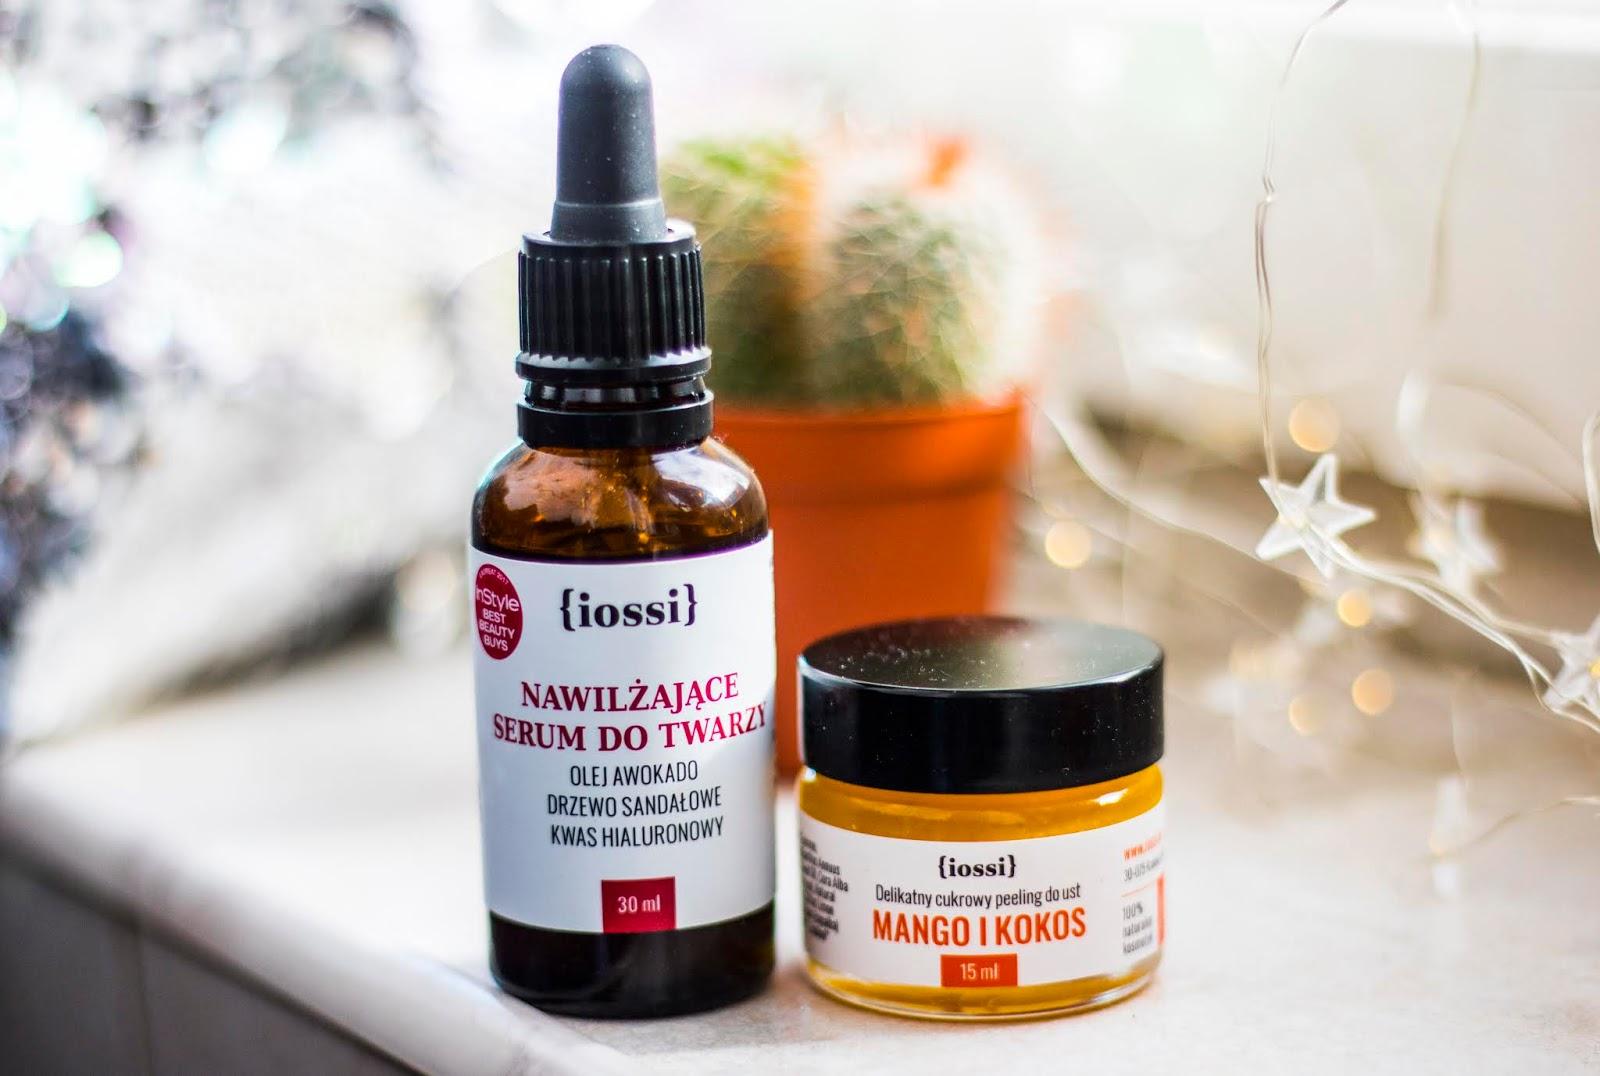 Dwa produkty, które pozytywnie wpłynęły na moją pielęgnację